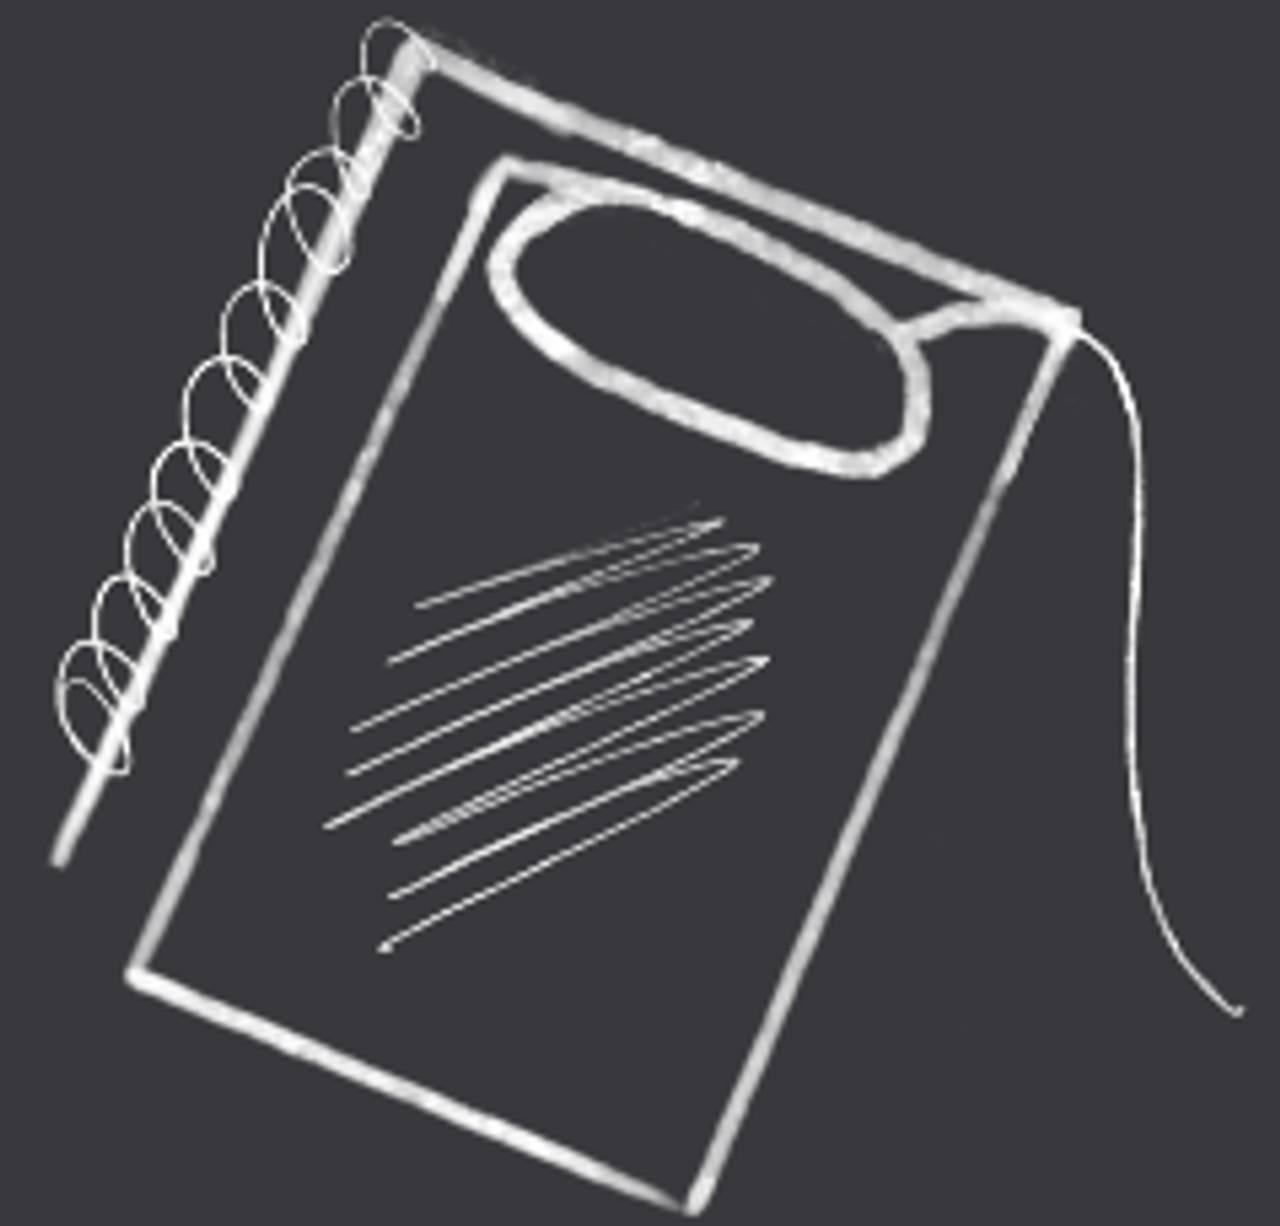 Illustrasjon av en notatblokk.